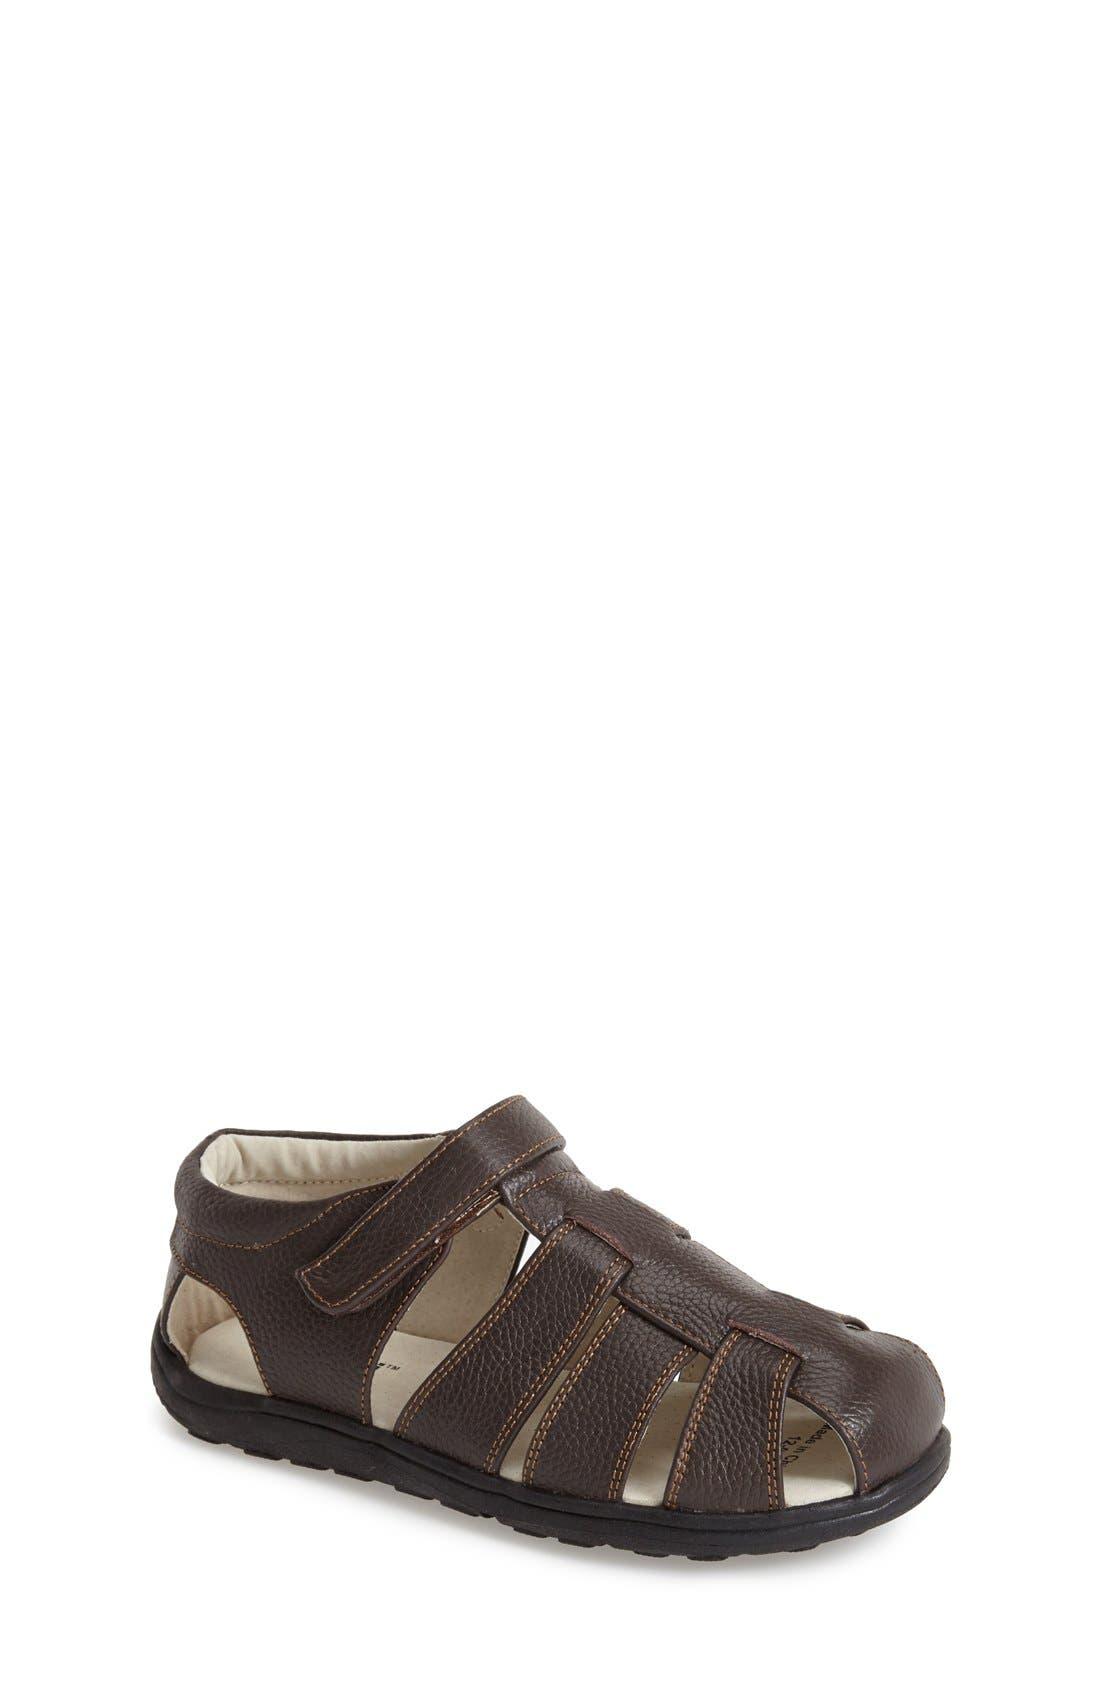 SEE KAI RUN 'Dillon II' Leather Fisherman Sandal